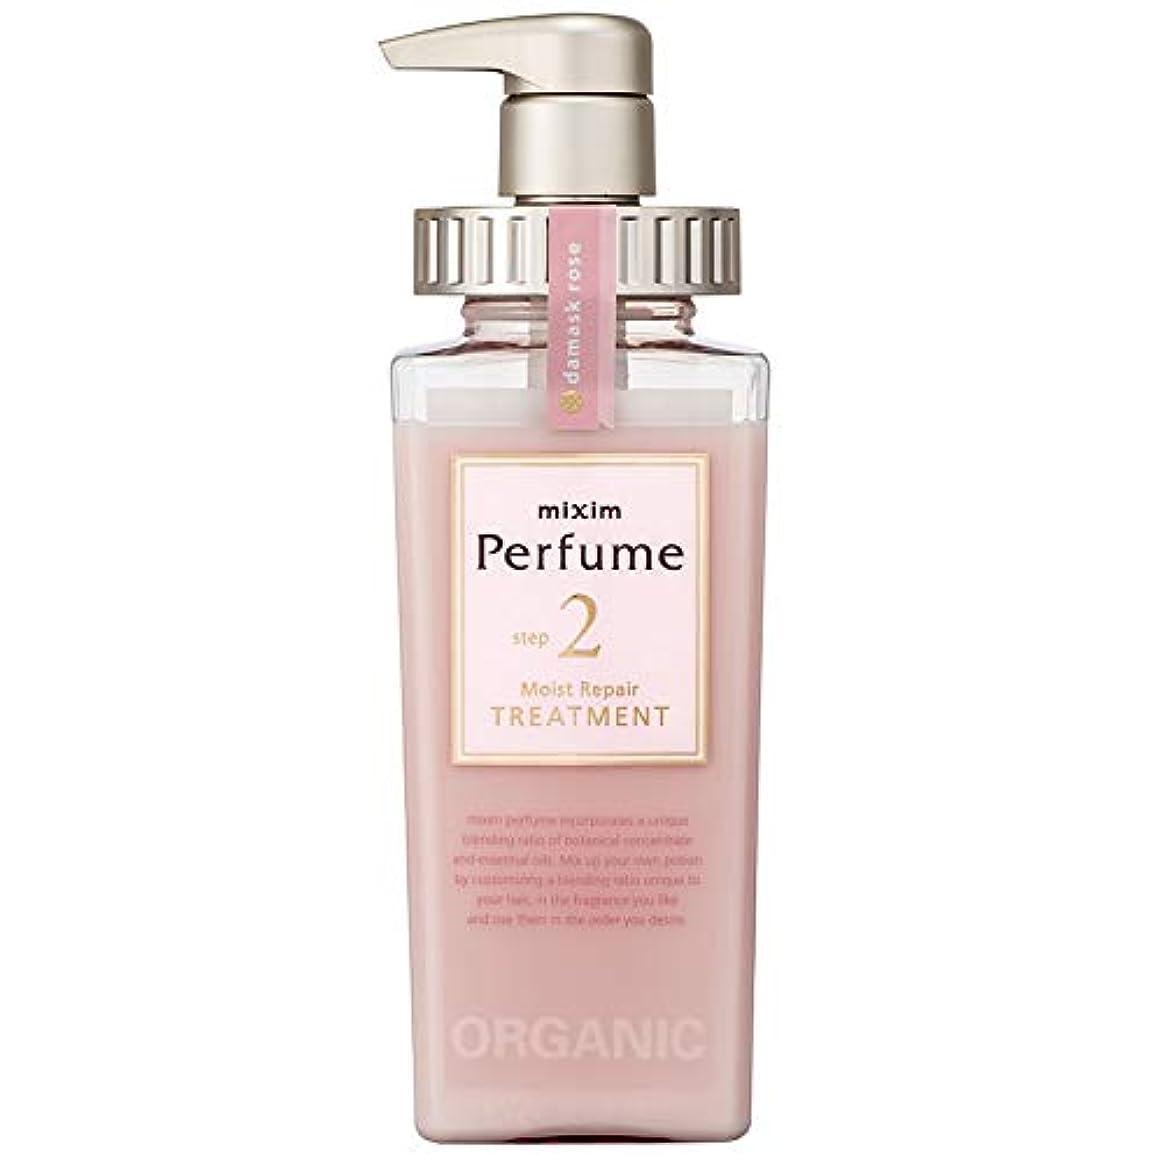 ピッチャー有害な復活mixim Perfume(ミクシムパフューム) モイストリペア ヘアトリートメント 440g